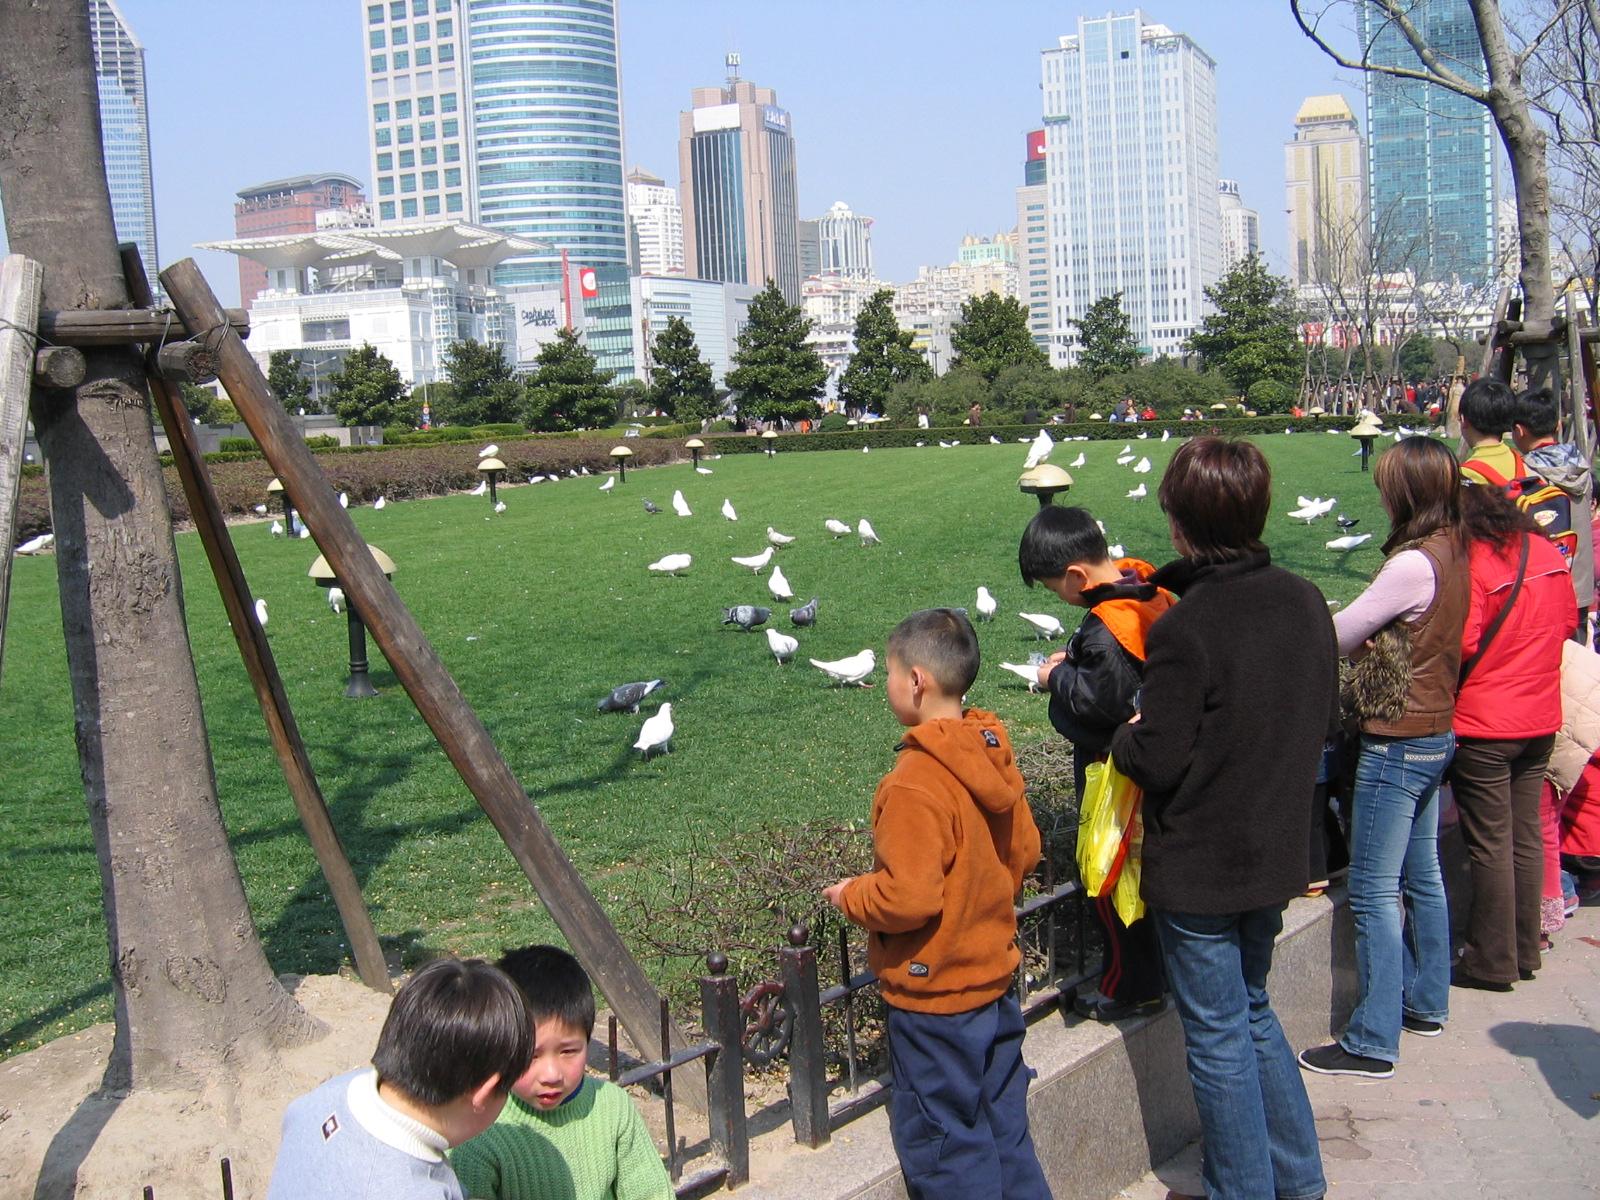 Yuyuan-Garden ist nicht der einzige grüne Fleck in Shanghai